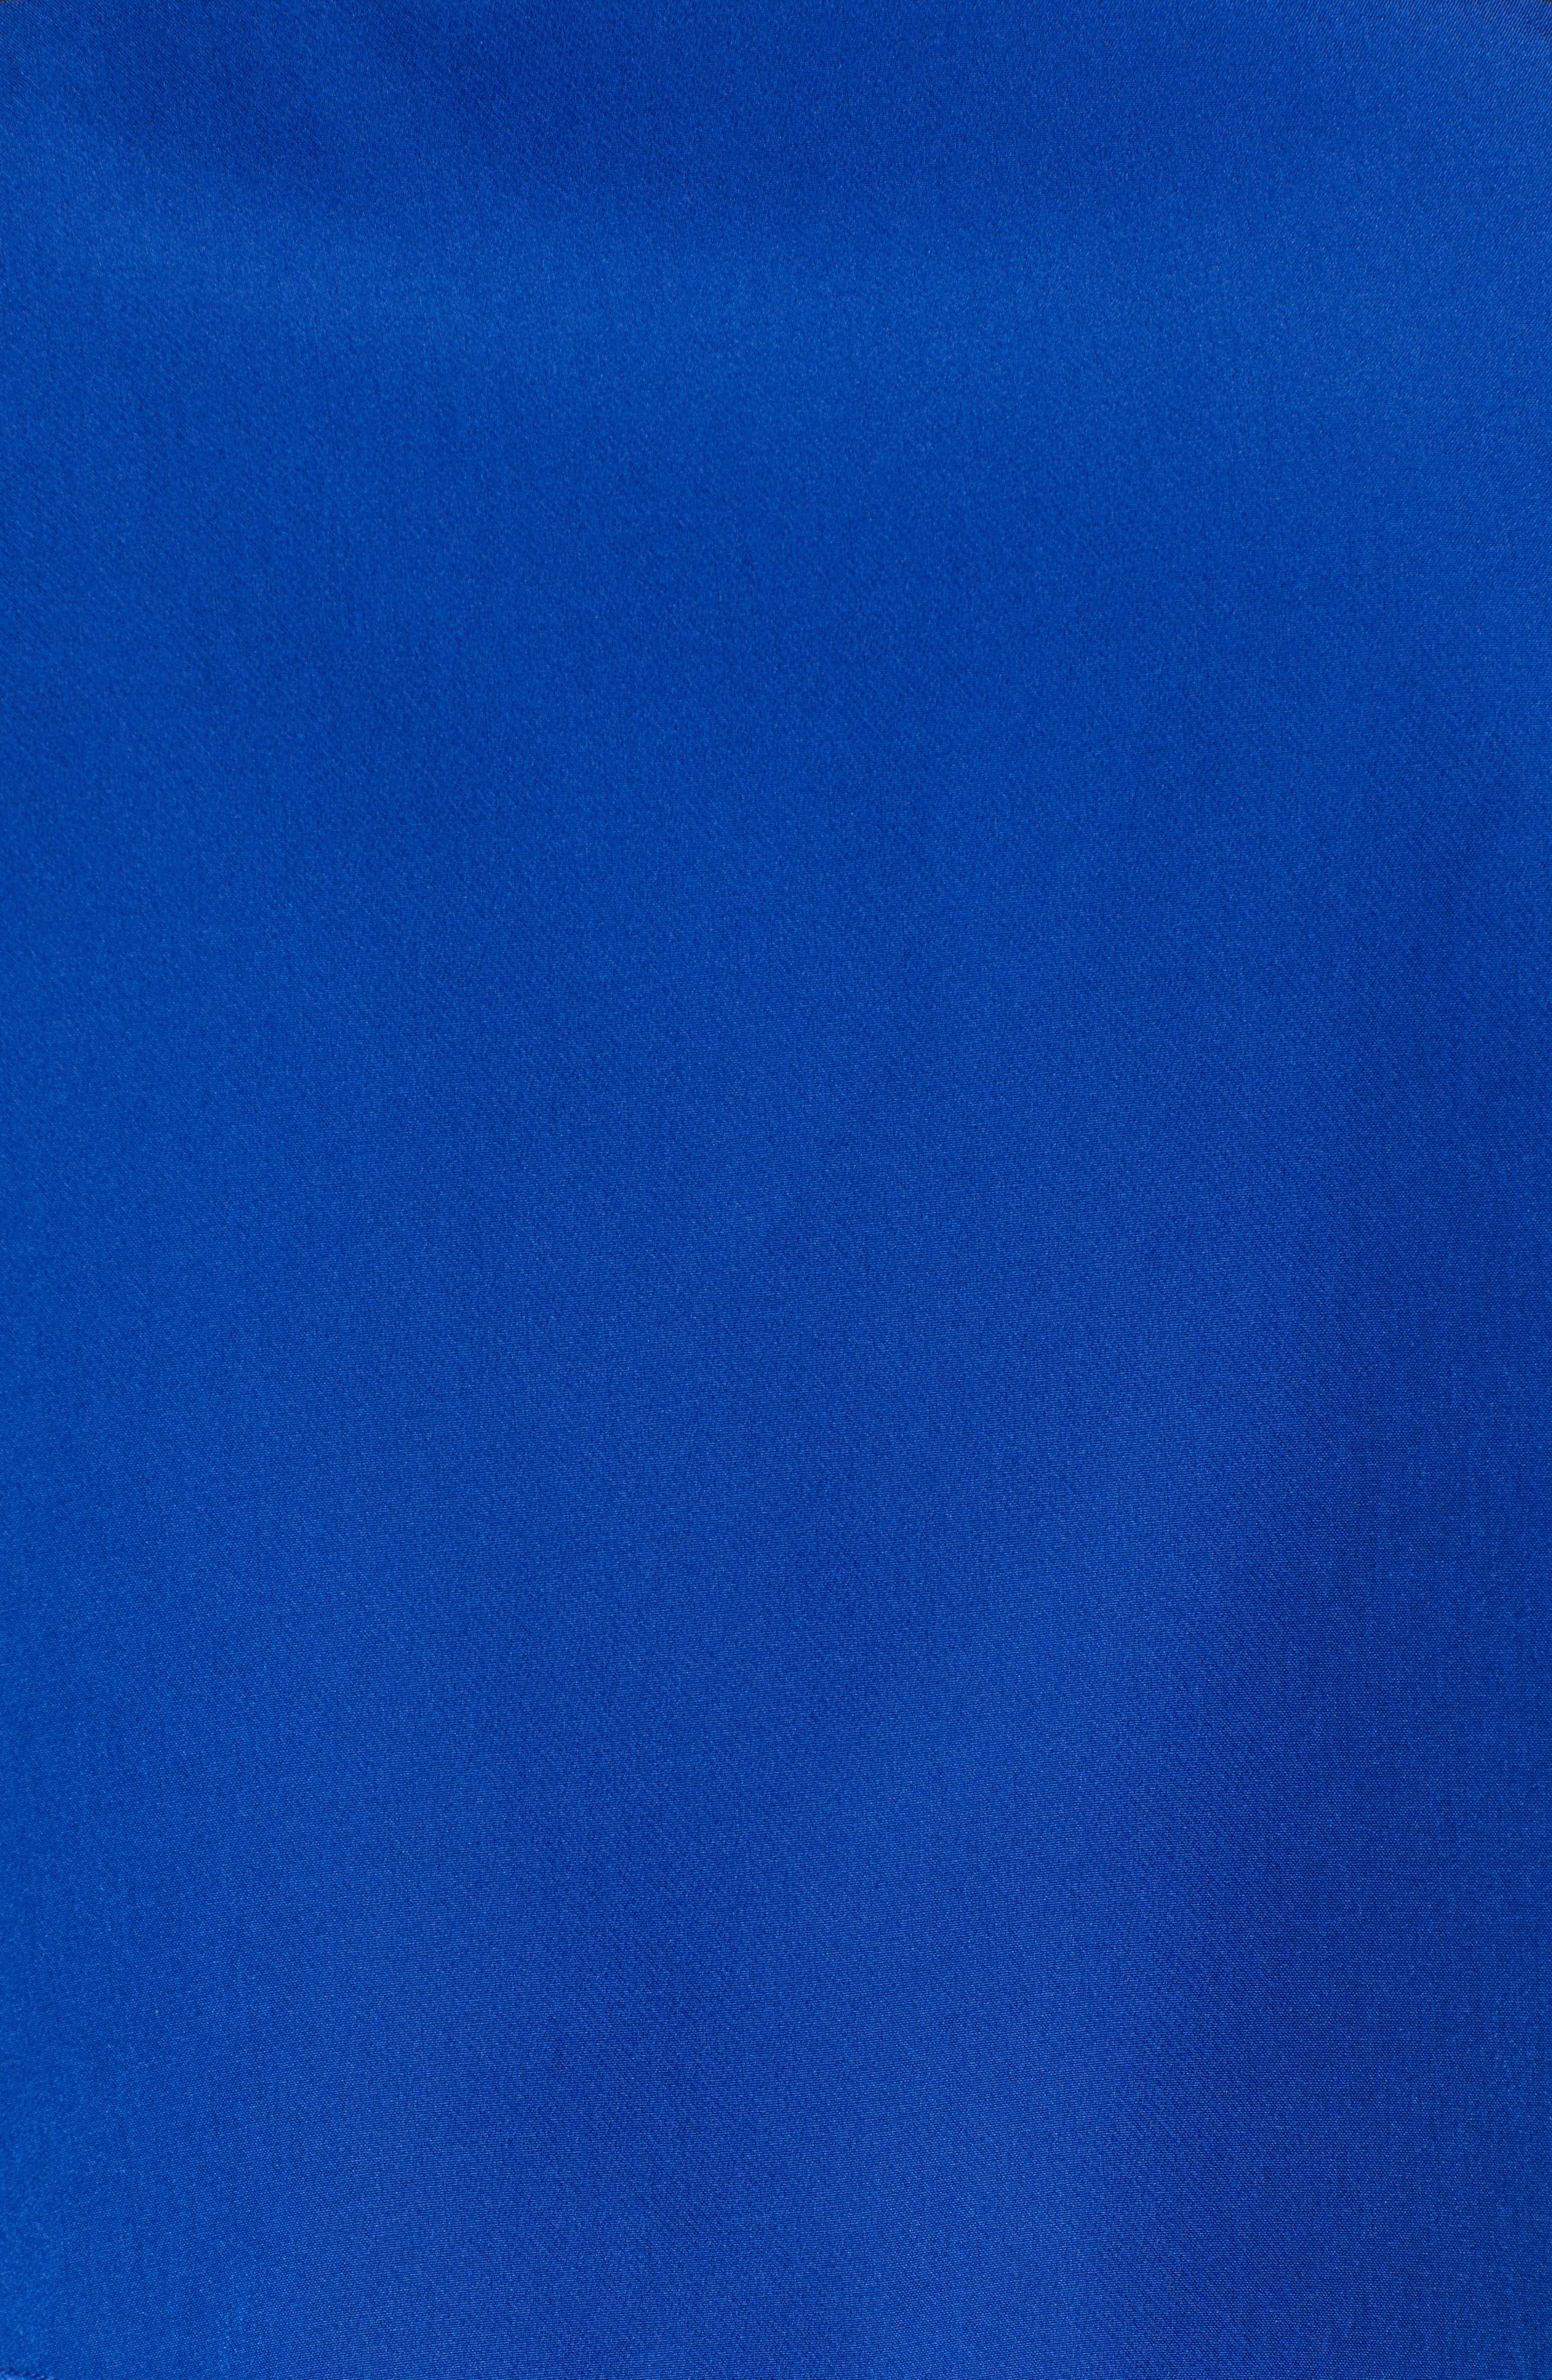 Popover Jumpsuit,                             Alternate thumbnail 6, color,                             BLUE MAZARINE